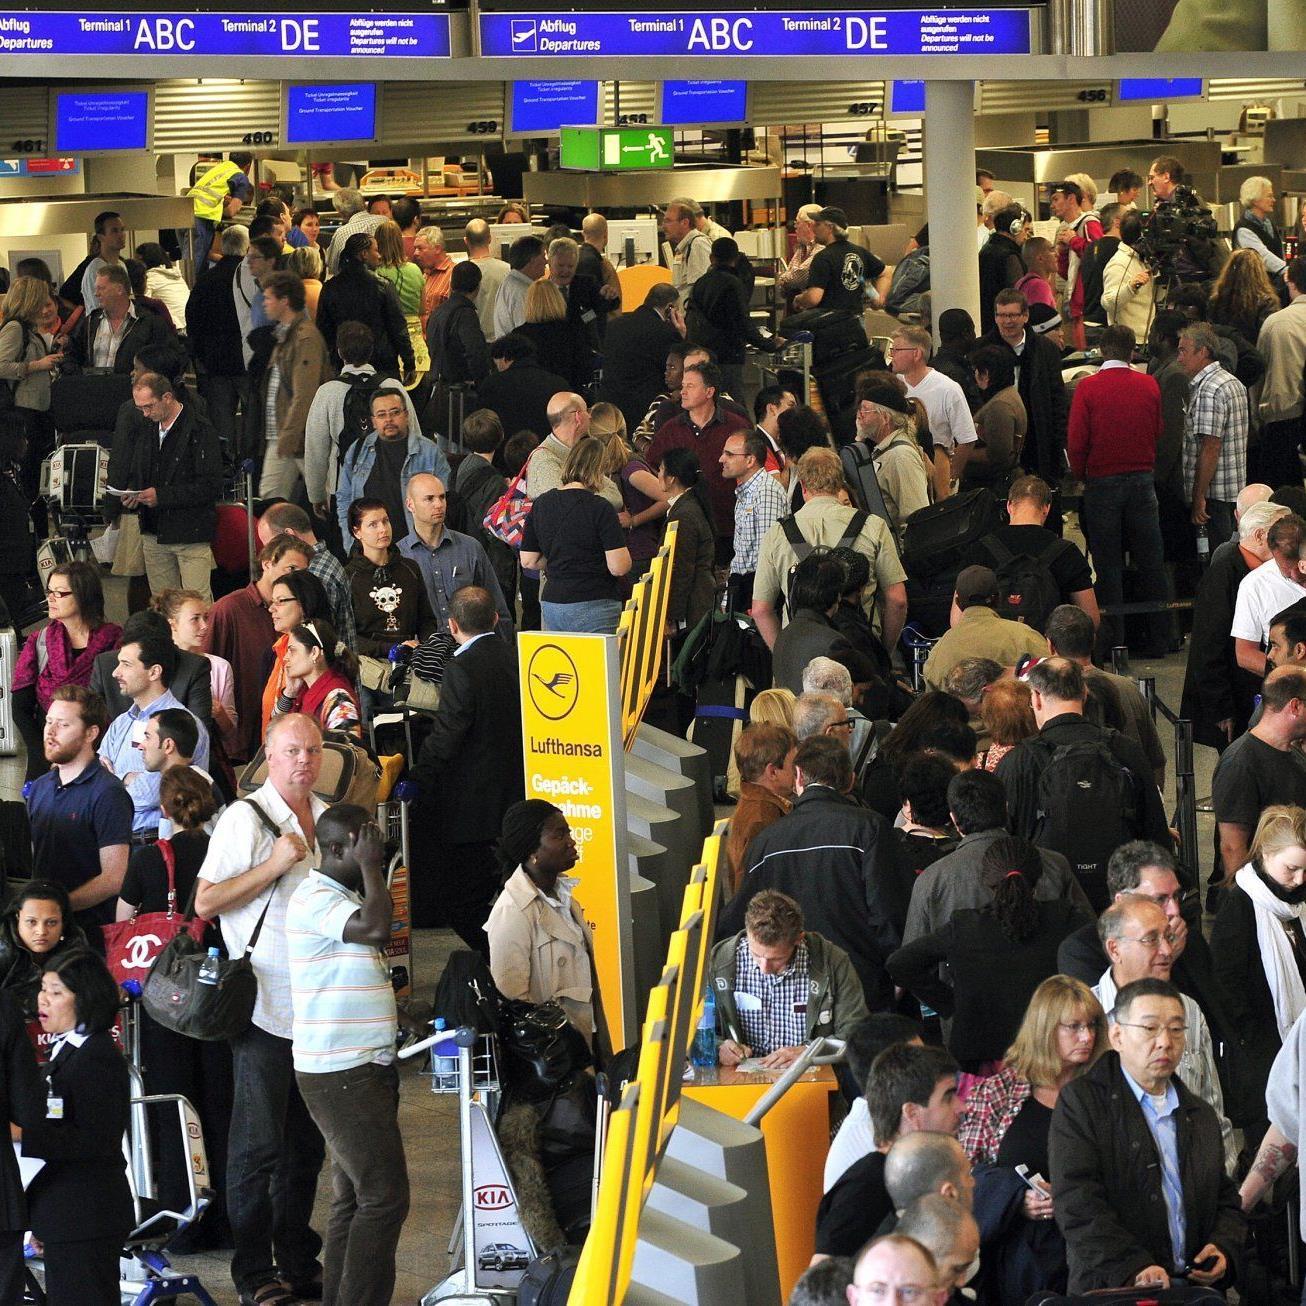 Dutzende Flugpassagiere warten am Frankfurter Flughafen in langen Schlangen vor den Schaltern.